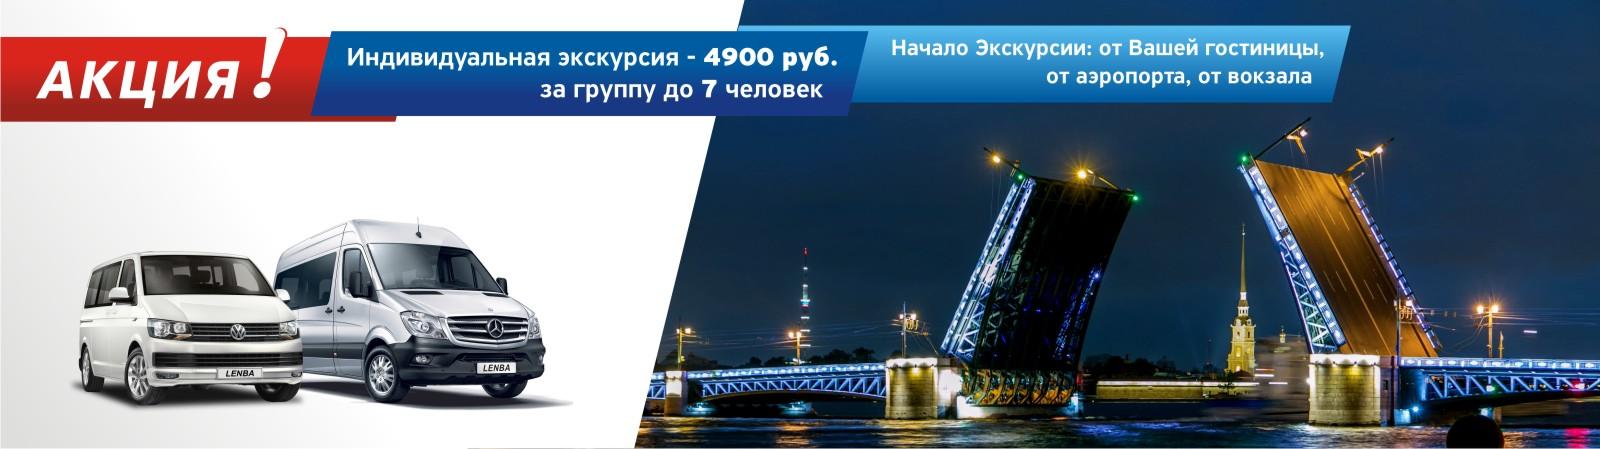 Индивидуальная экскурсия по Санкт-Петербургу